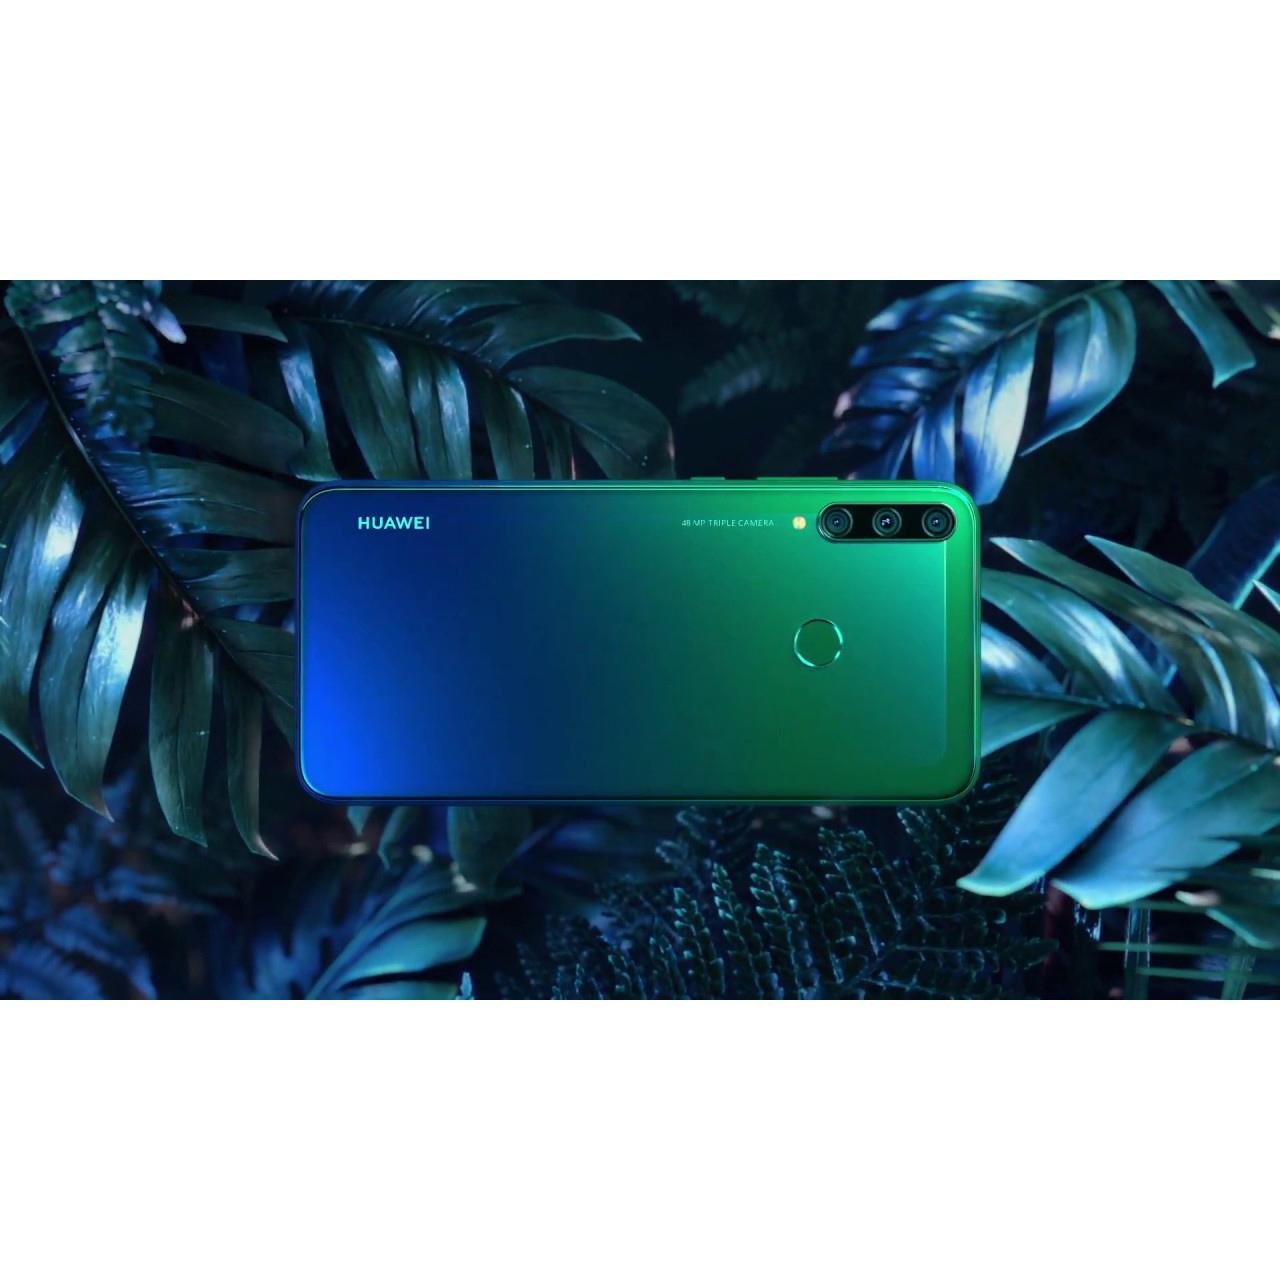 گوشی موبایل هوآوی مدل Huawei Y7p ART-L29 دو سیم کارت ظرفیت 64 گیگابایت main 1 14